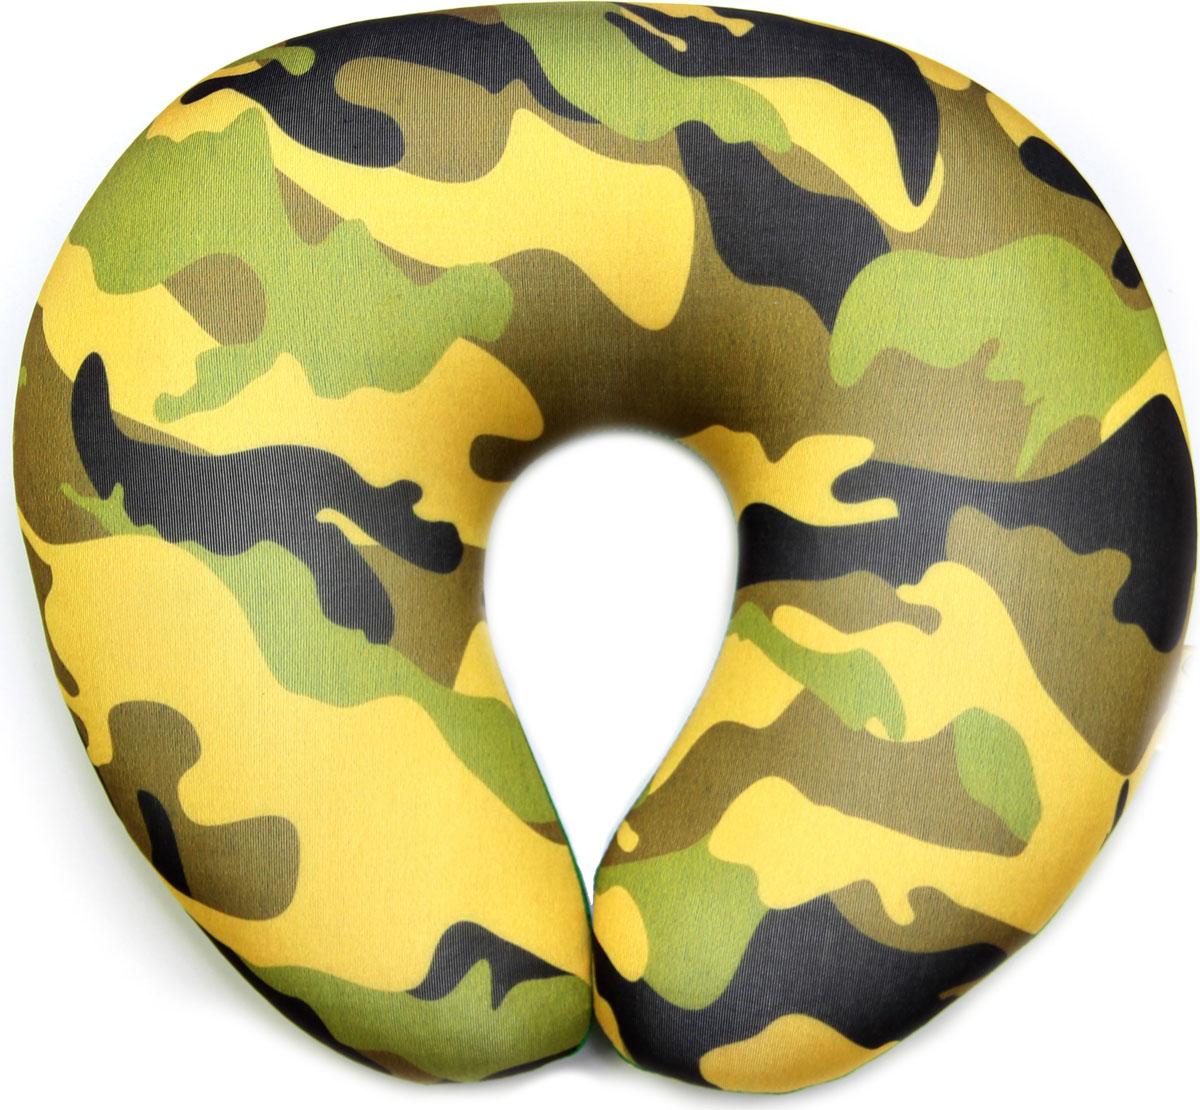 Подушка-антистресс для шеи Армейский, 30 х 27 см. 16асп32ив-3